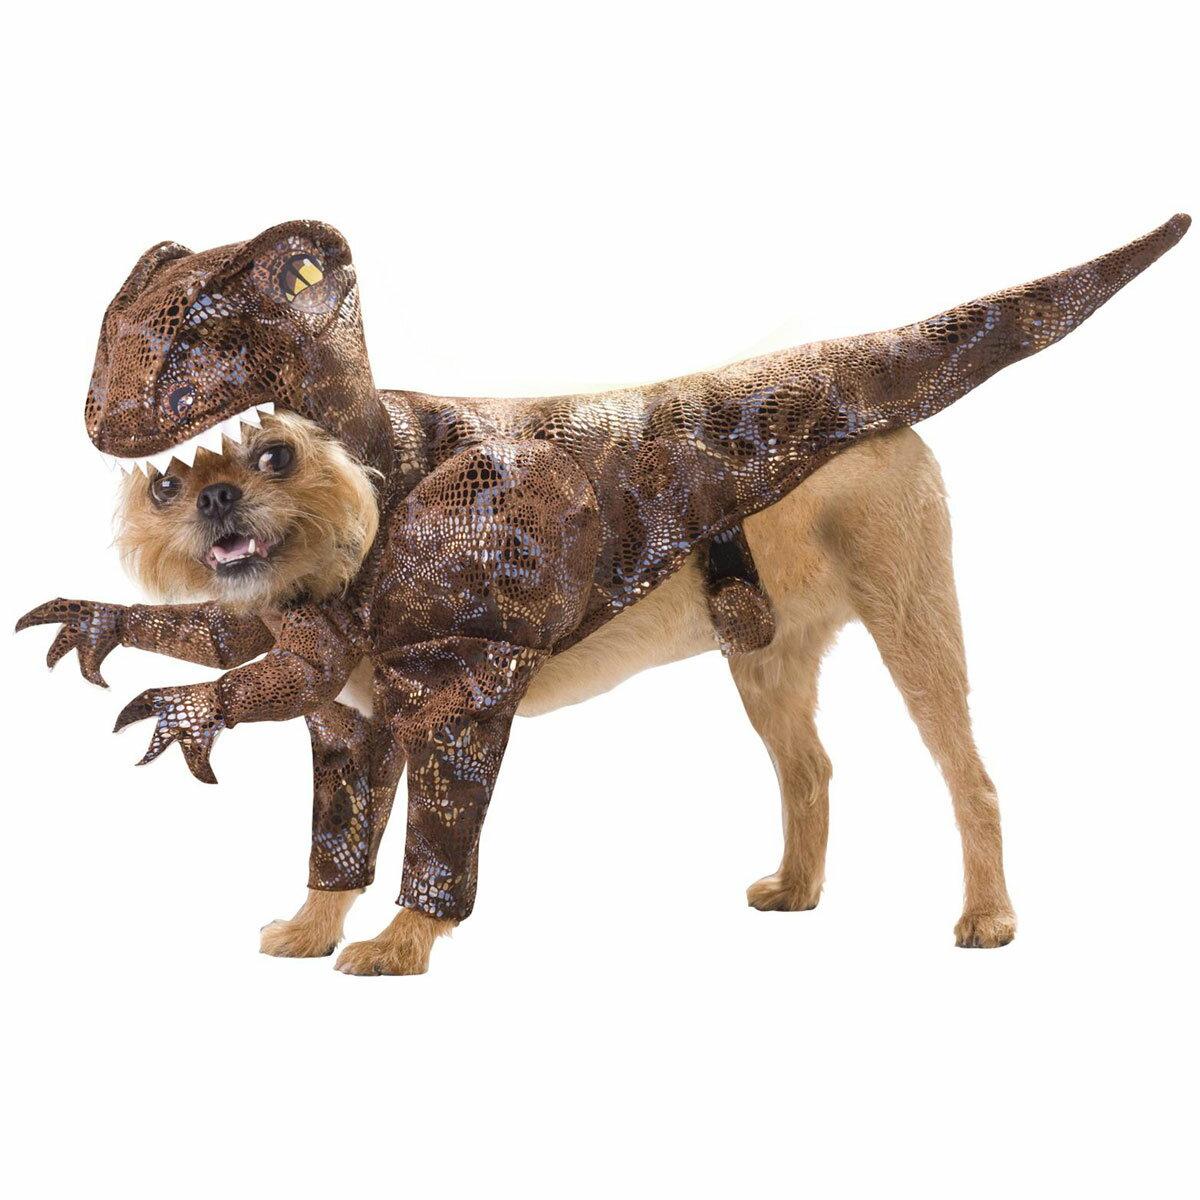 なりきり 犬服 コスプレ 衣装 アニマルプラネット 恐竜ラプトル 年賀状 戌年